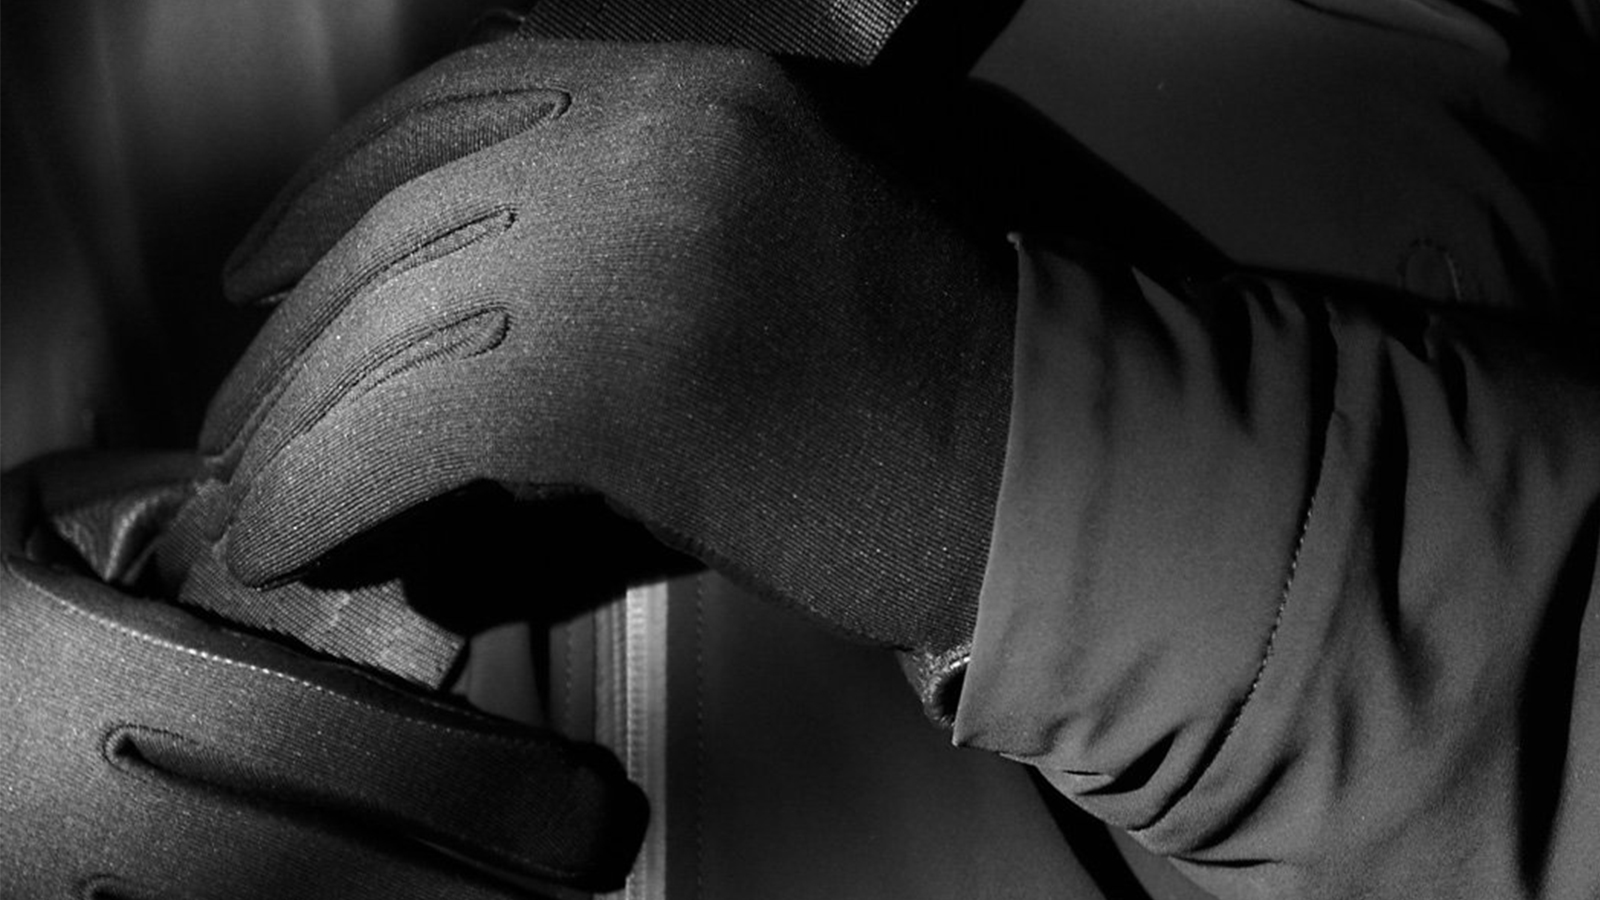 Mission Workshop Strasse Gloves